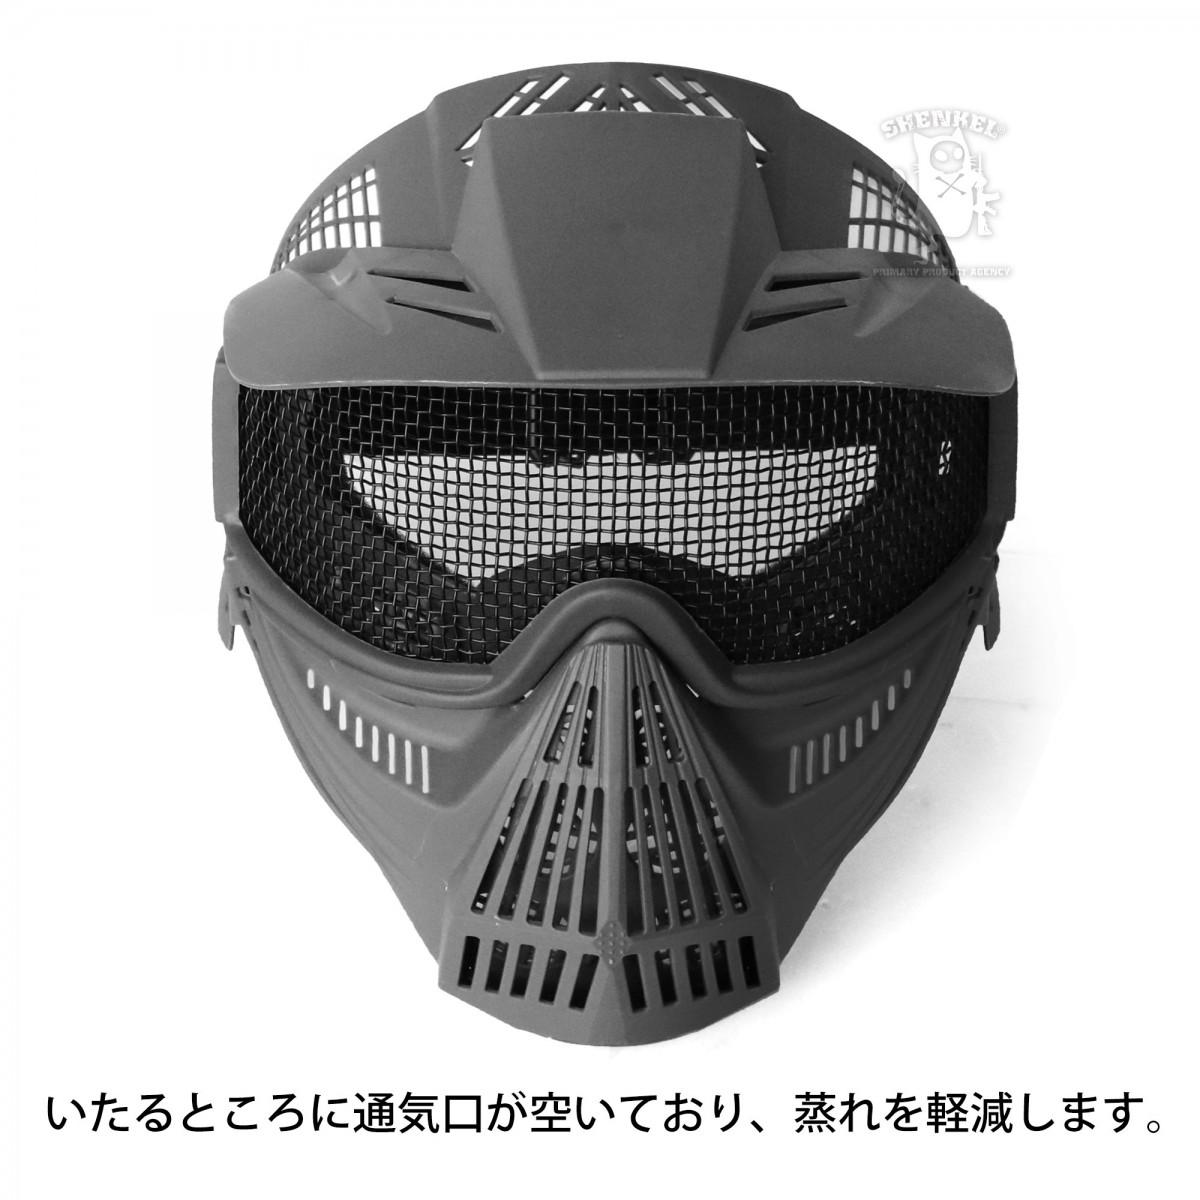 SHENKEL フルフェイス シューティングマスク メッシュ フェイスガード サバゲー サバイバルゲーム コスプレ bk/od/tan